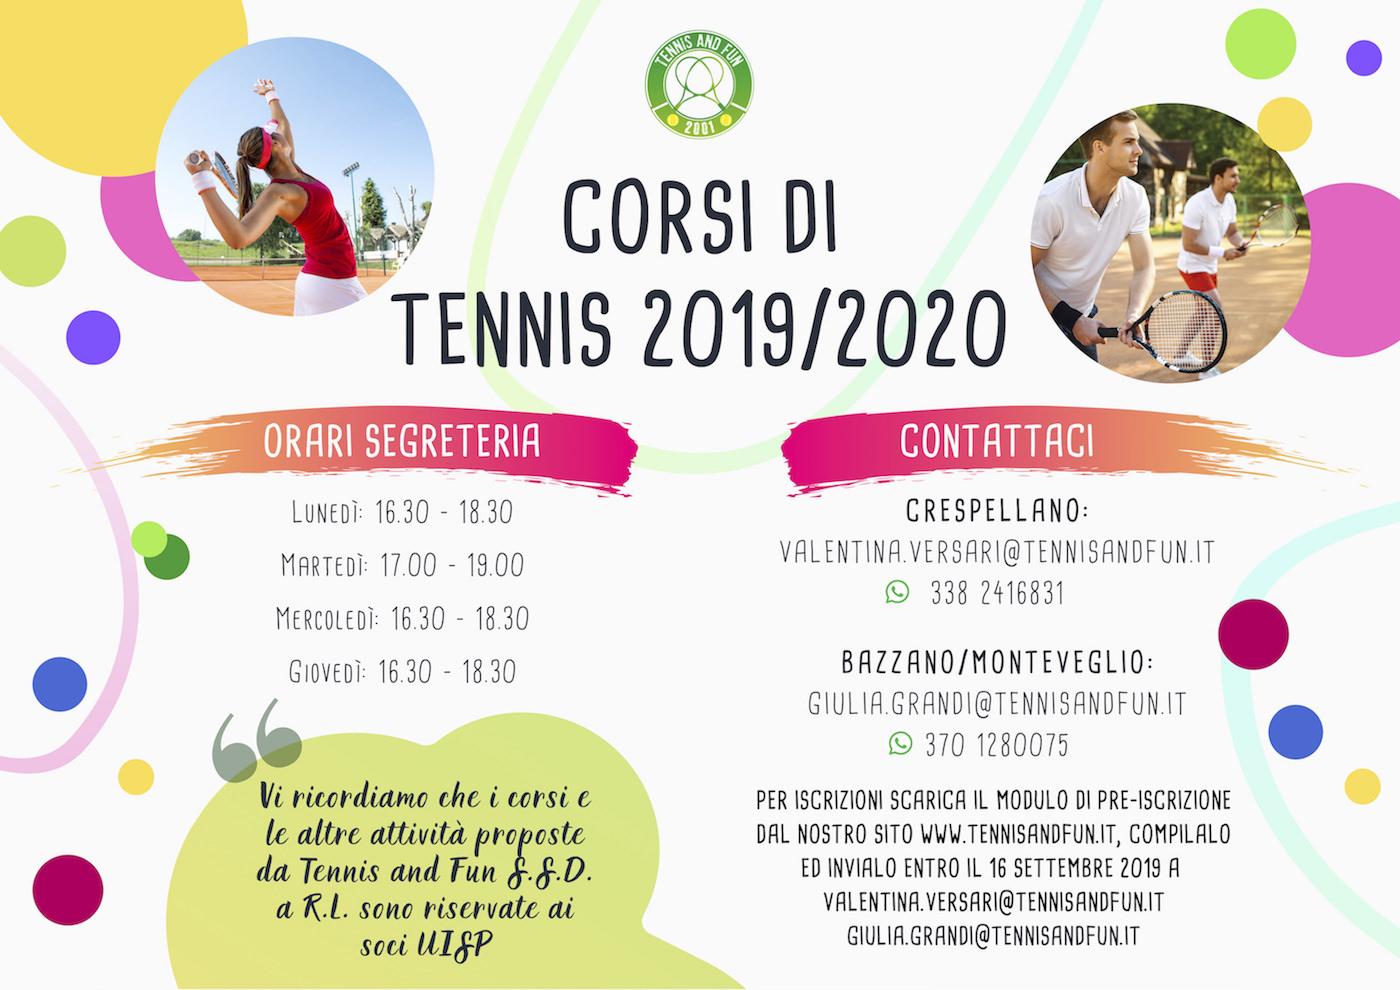 CORSI DI TENNIS 2019_2020 social (1)